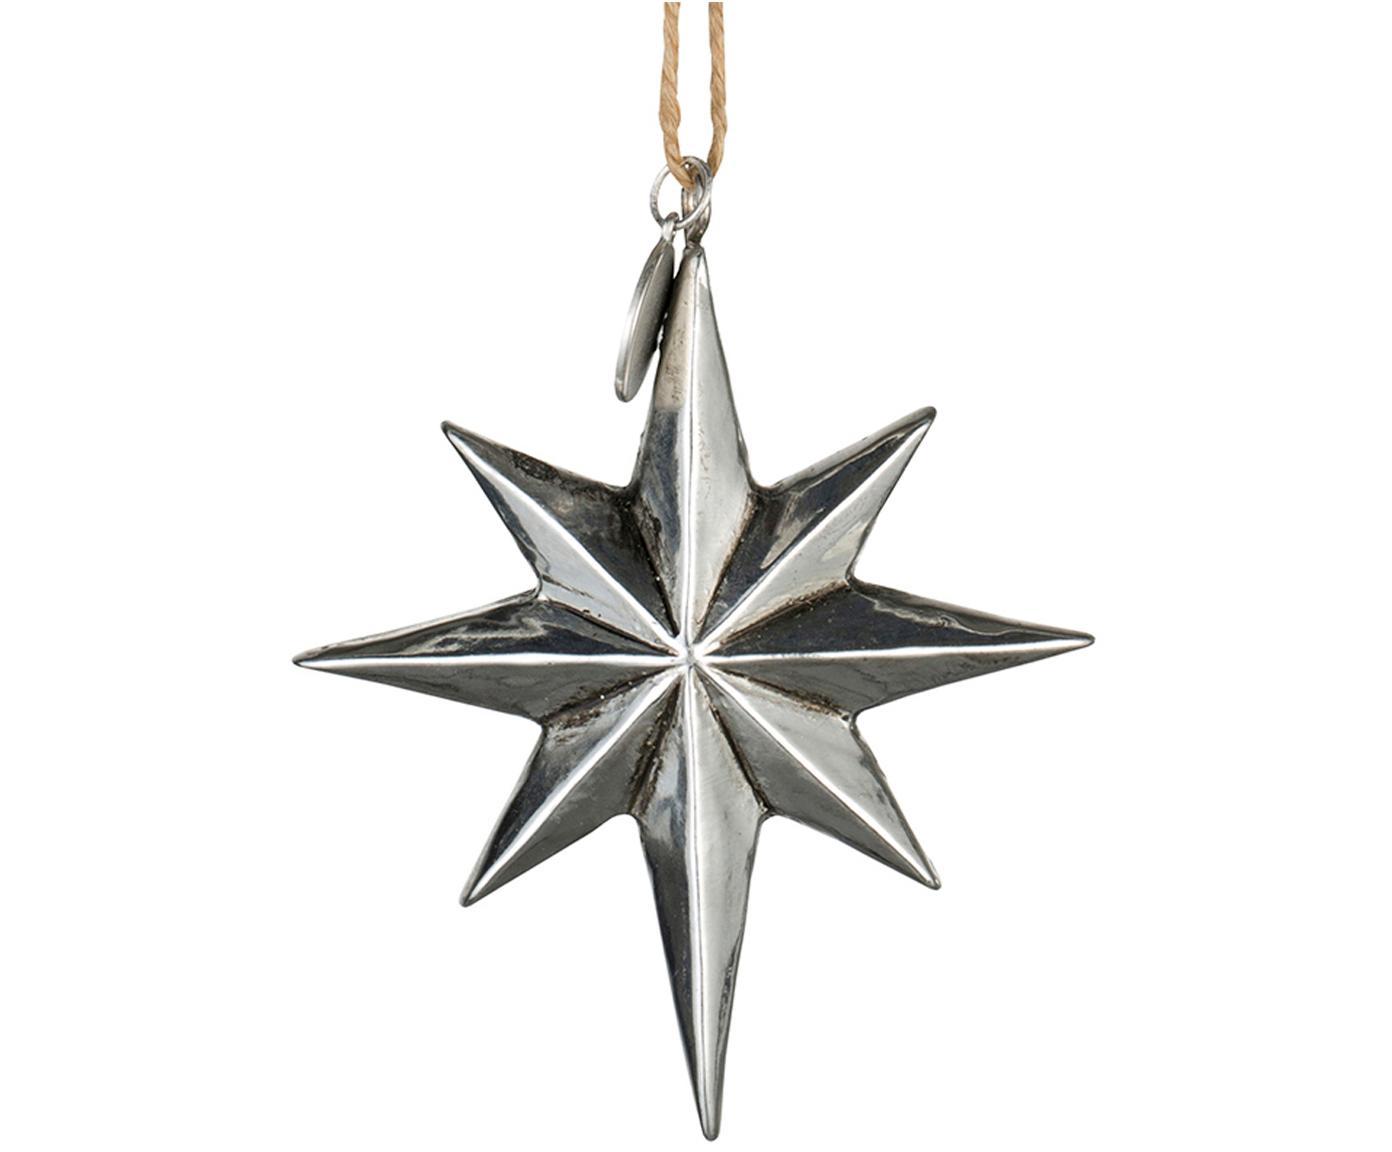 Kerstboomhangers Serafina Star, 2 stuks, Zilverkleurig, 7 x 8 cm